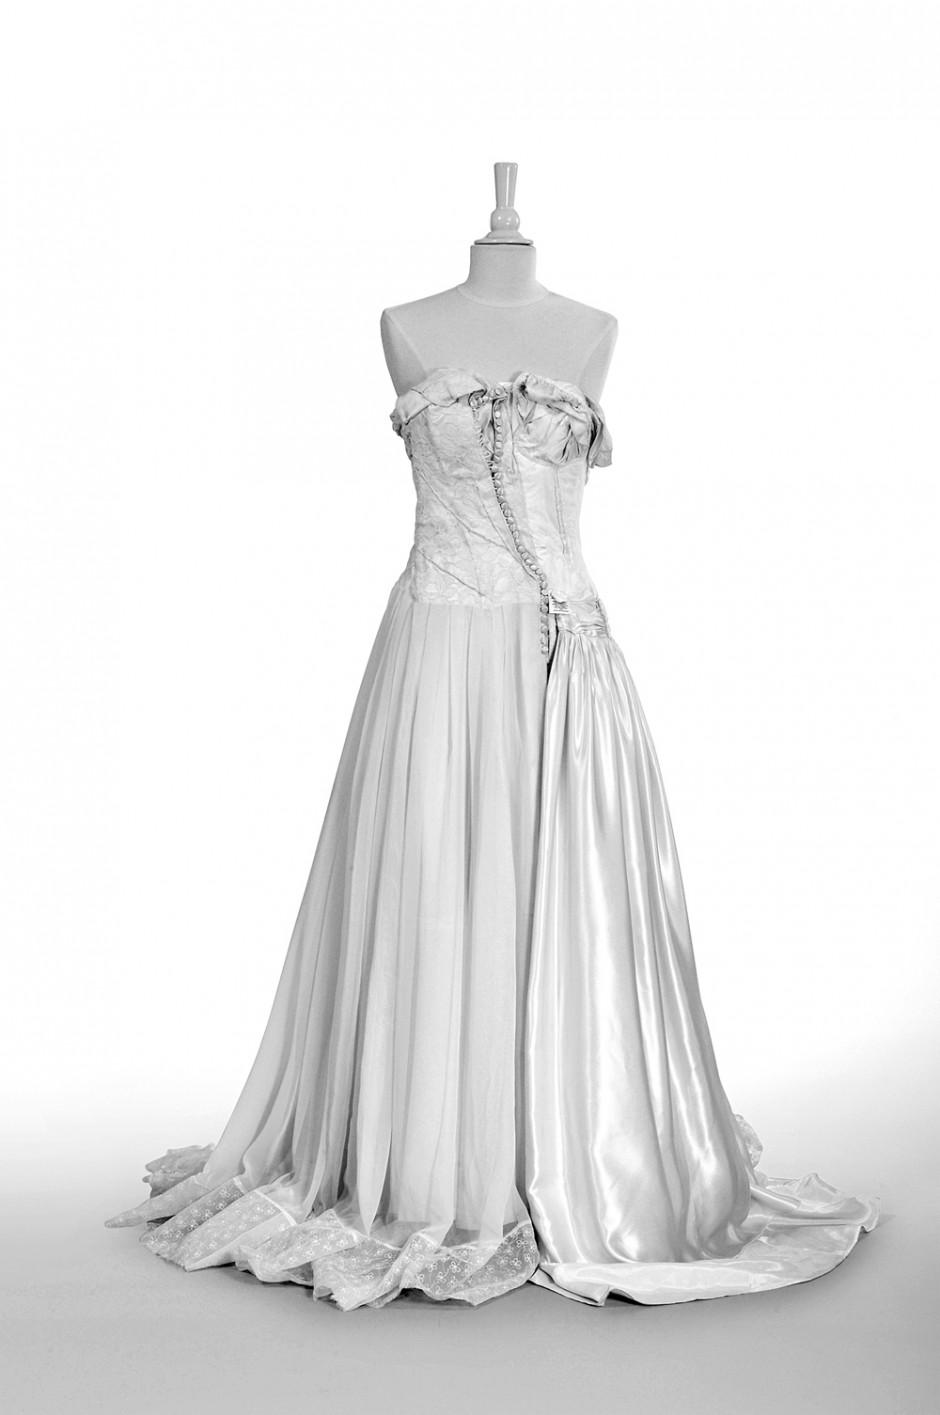 Martin Margiela | Vintage Hochzeitskleid, Maison Martin Margiela, Linie O Artisanal, Paris, 2005, Foto: Maria Tuszynska-Thrun, © Museum für Kunst und Gewerbe Hamburg